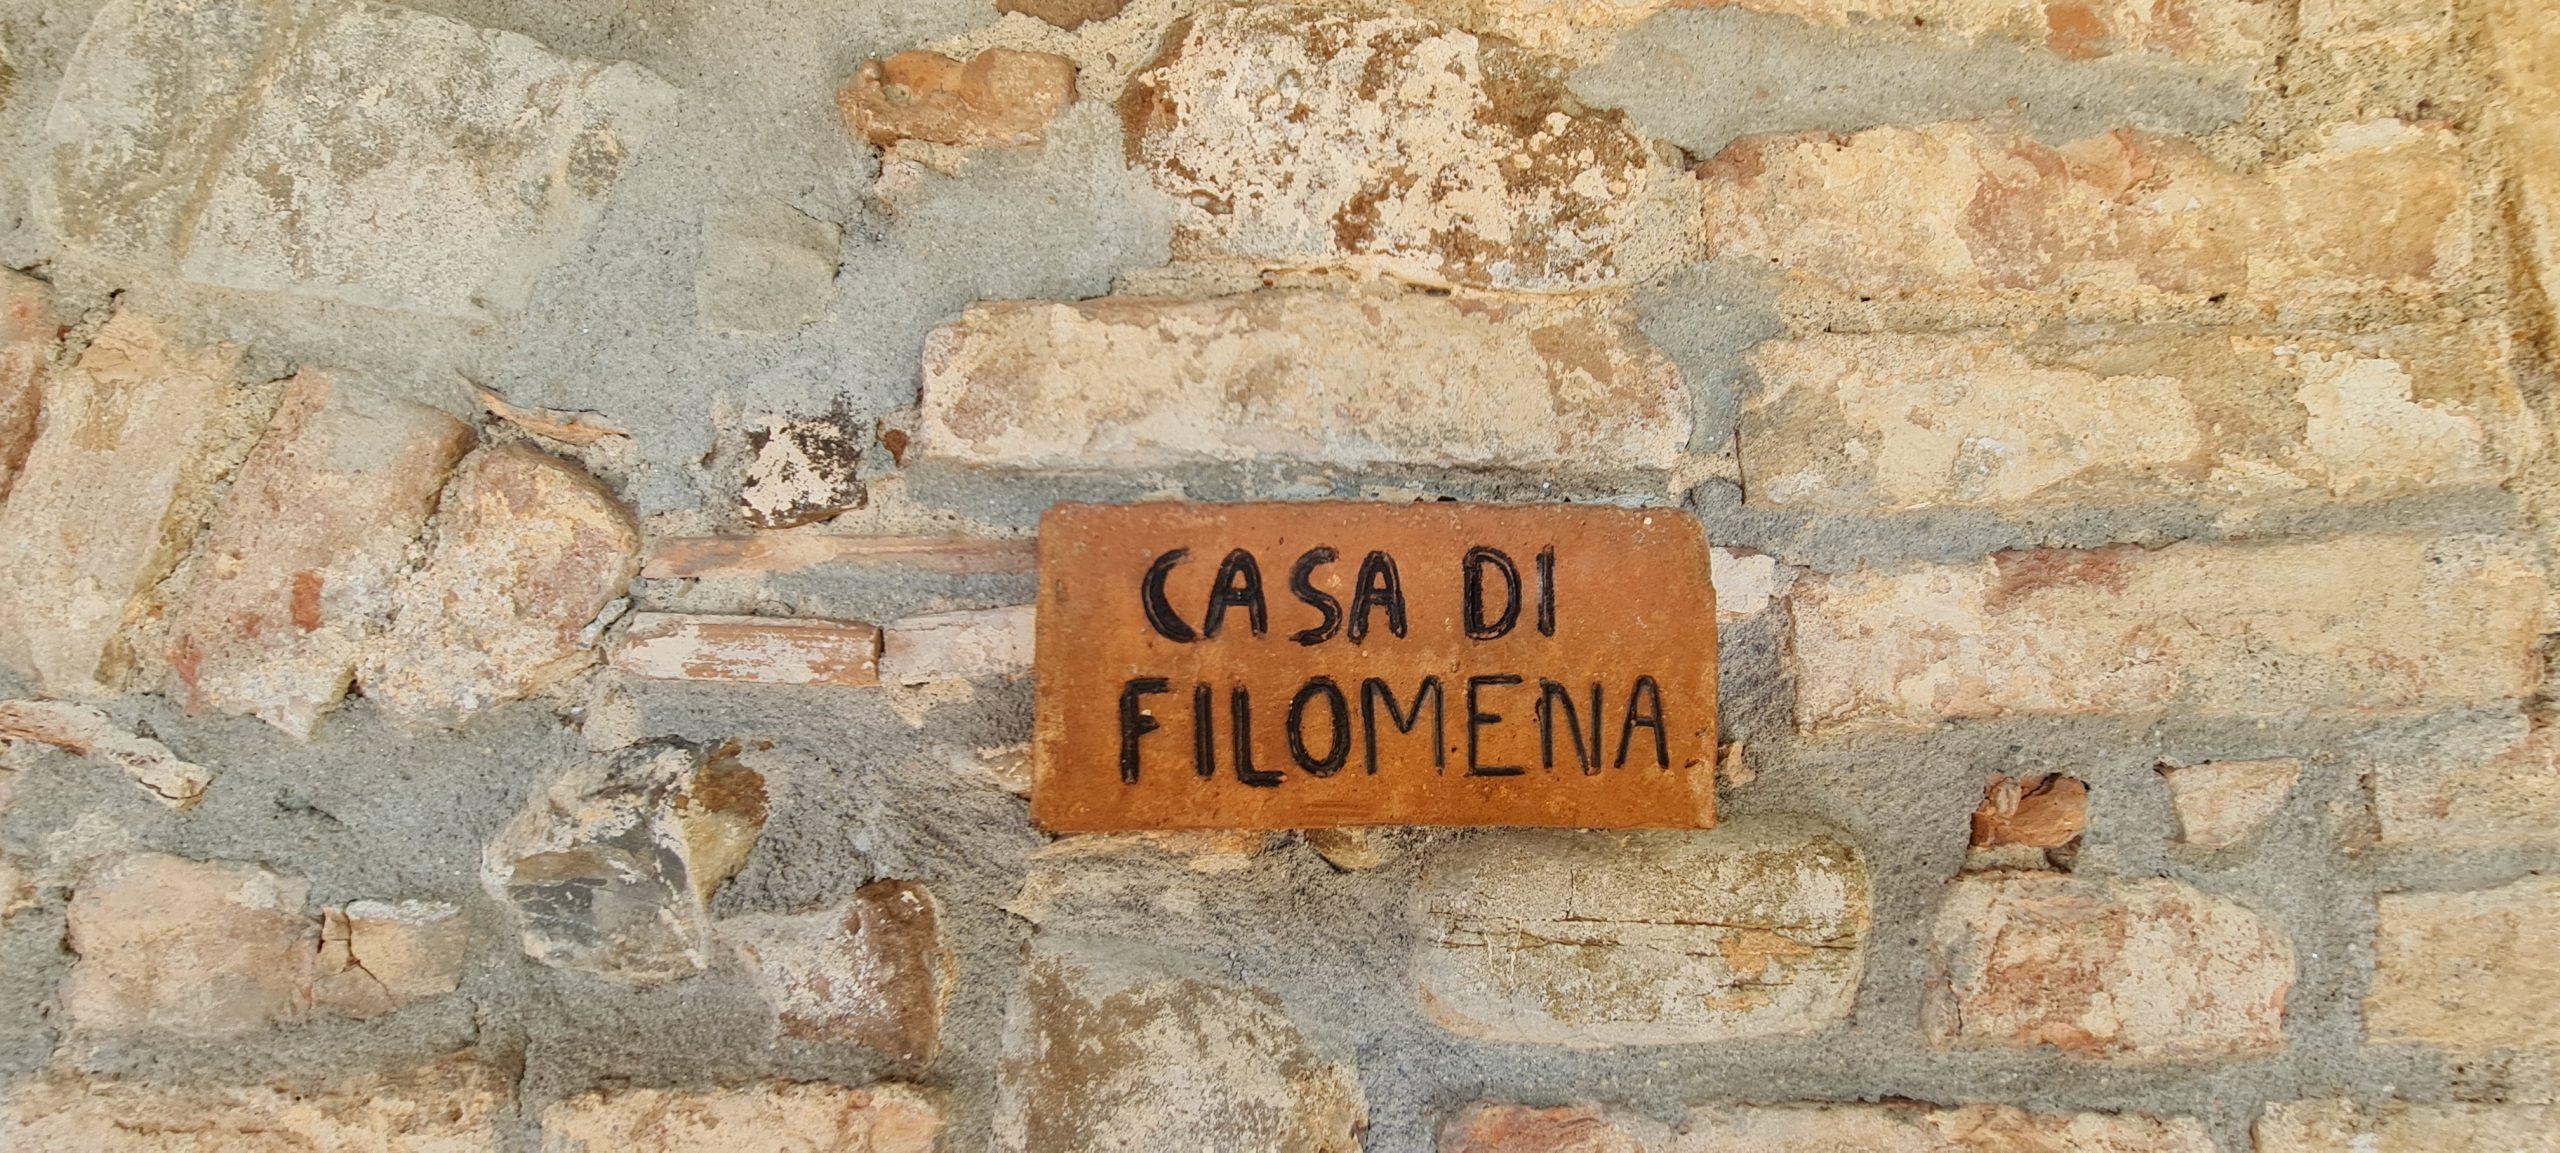 Casa di Filomena